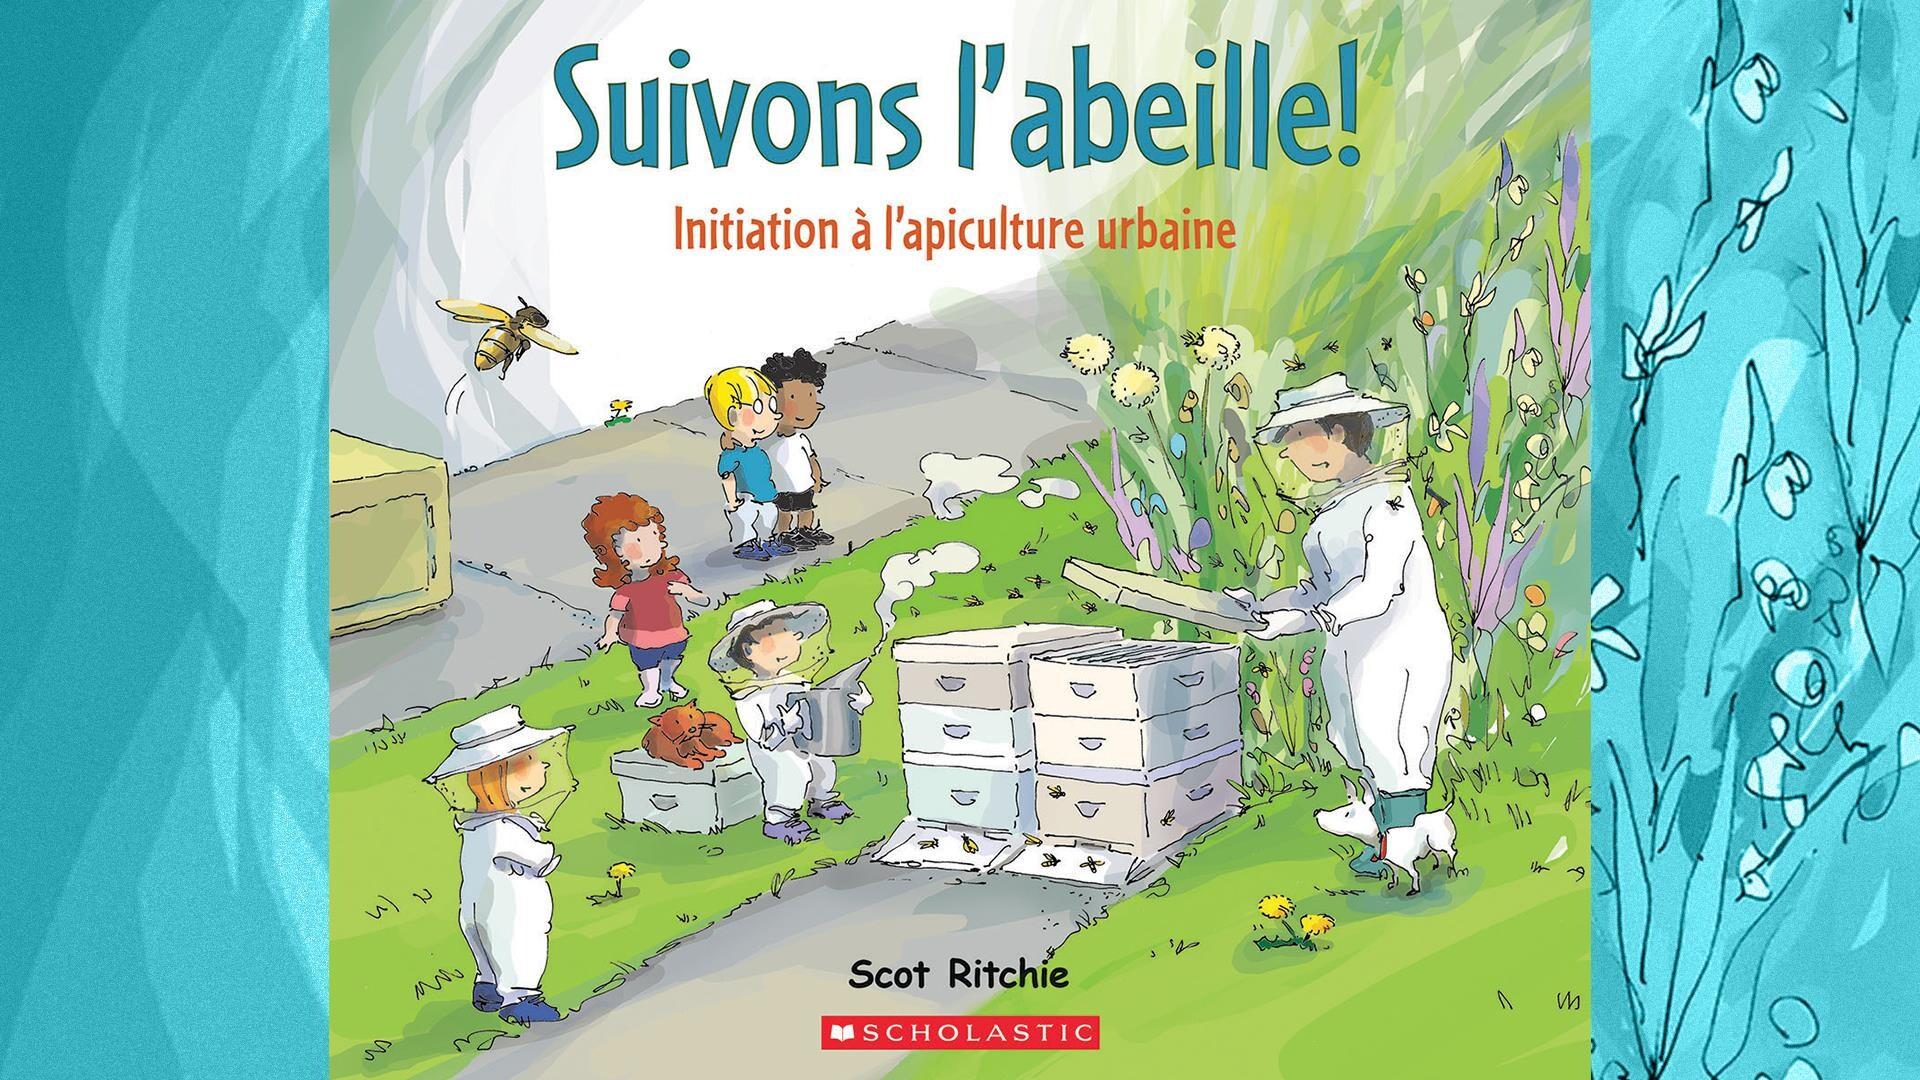 Page couverture du livre : Suivons l'abeille! Initiation à l'apiculture urbaine.